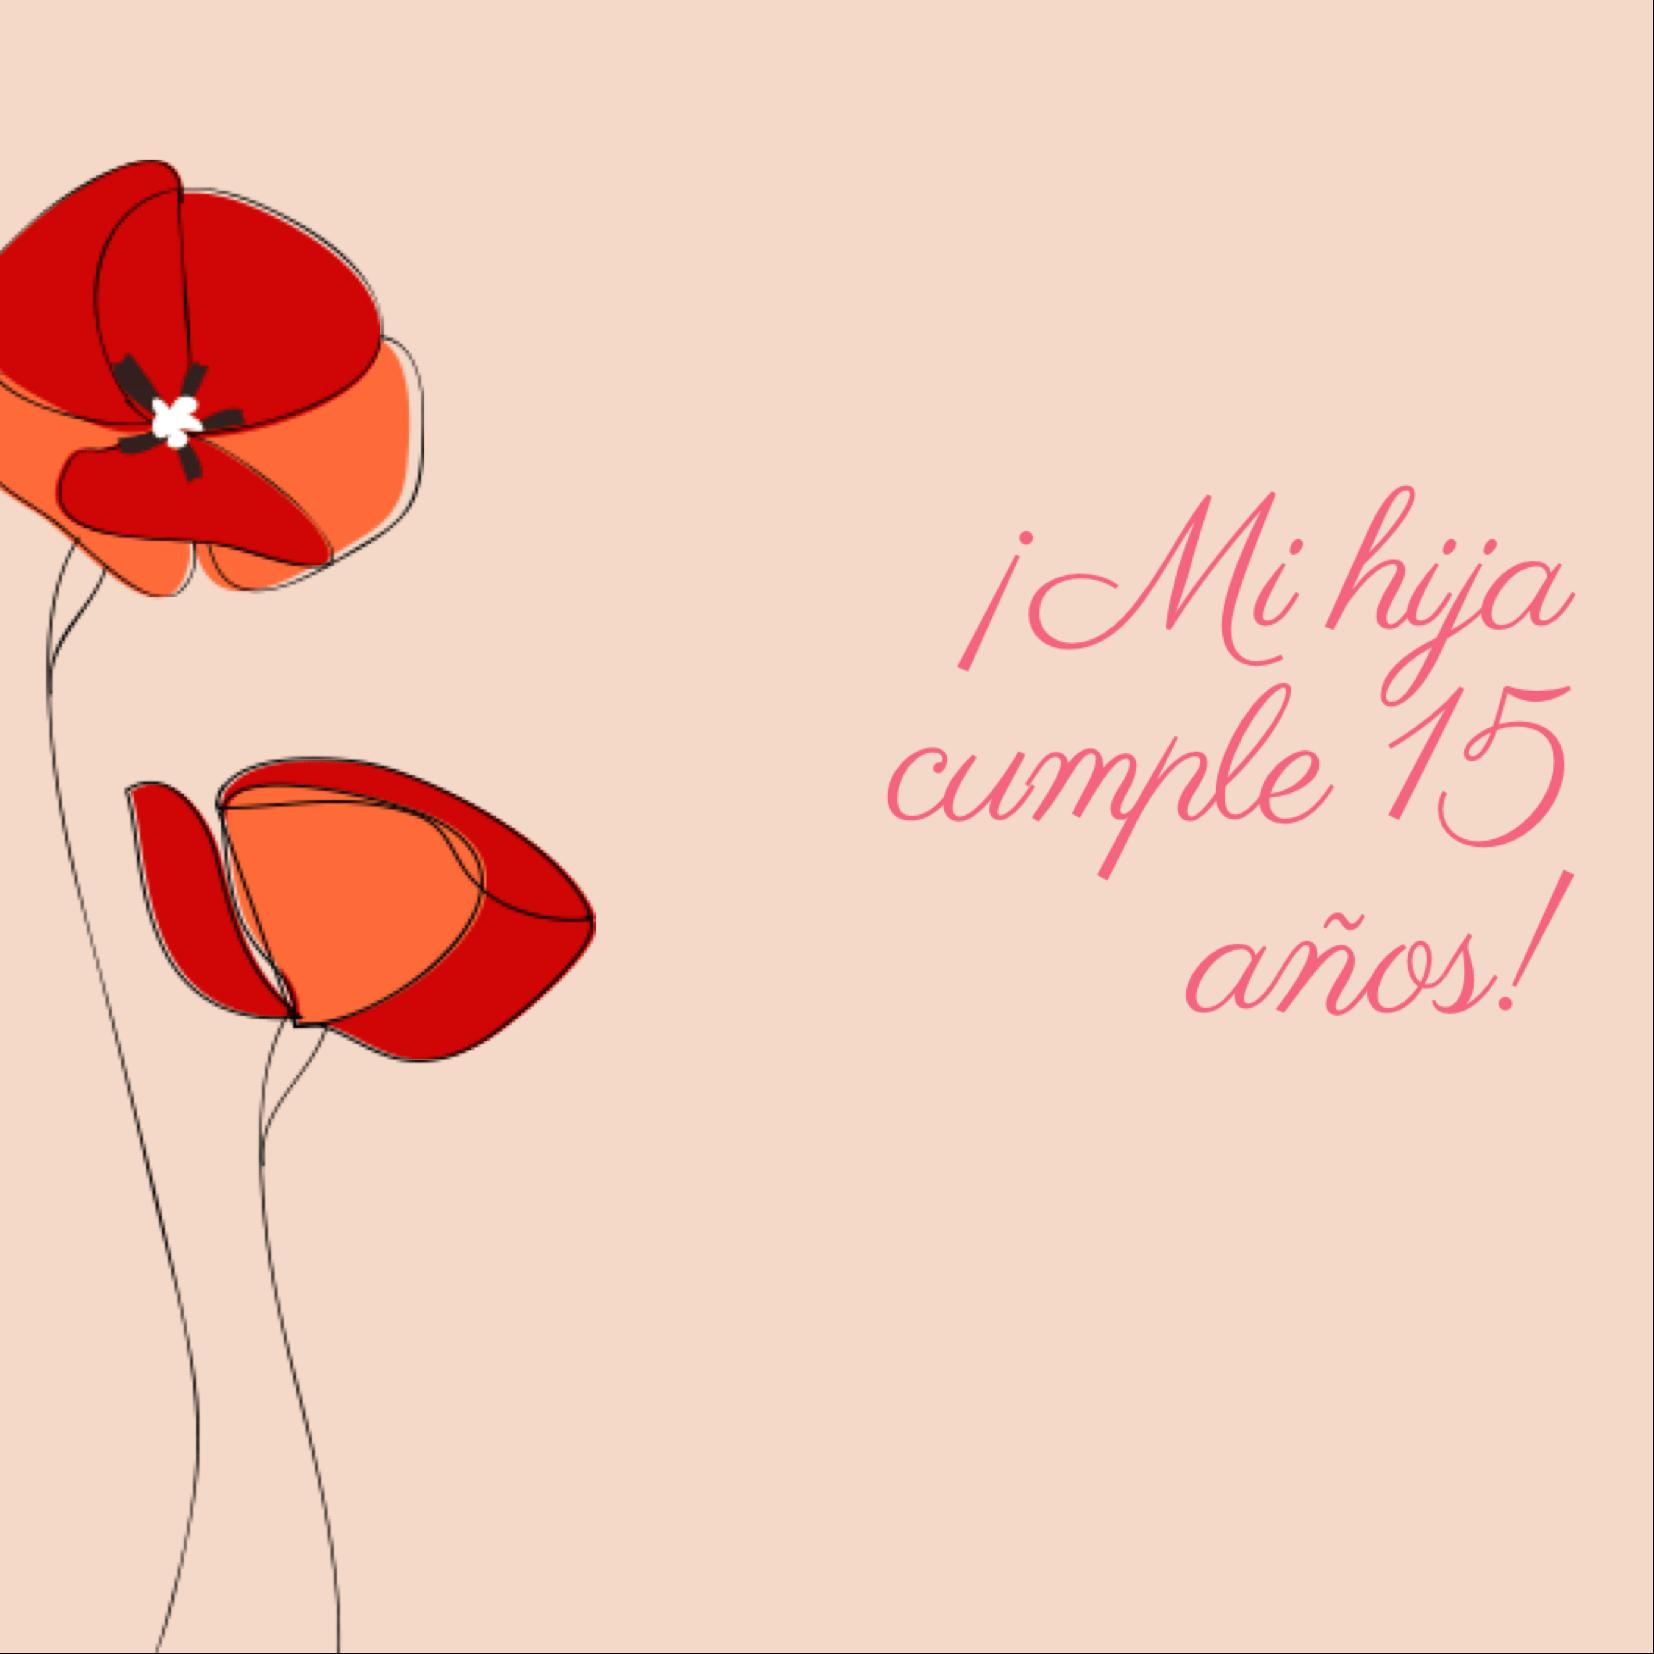 Frases de Cumpleaños para una Quinceañera5